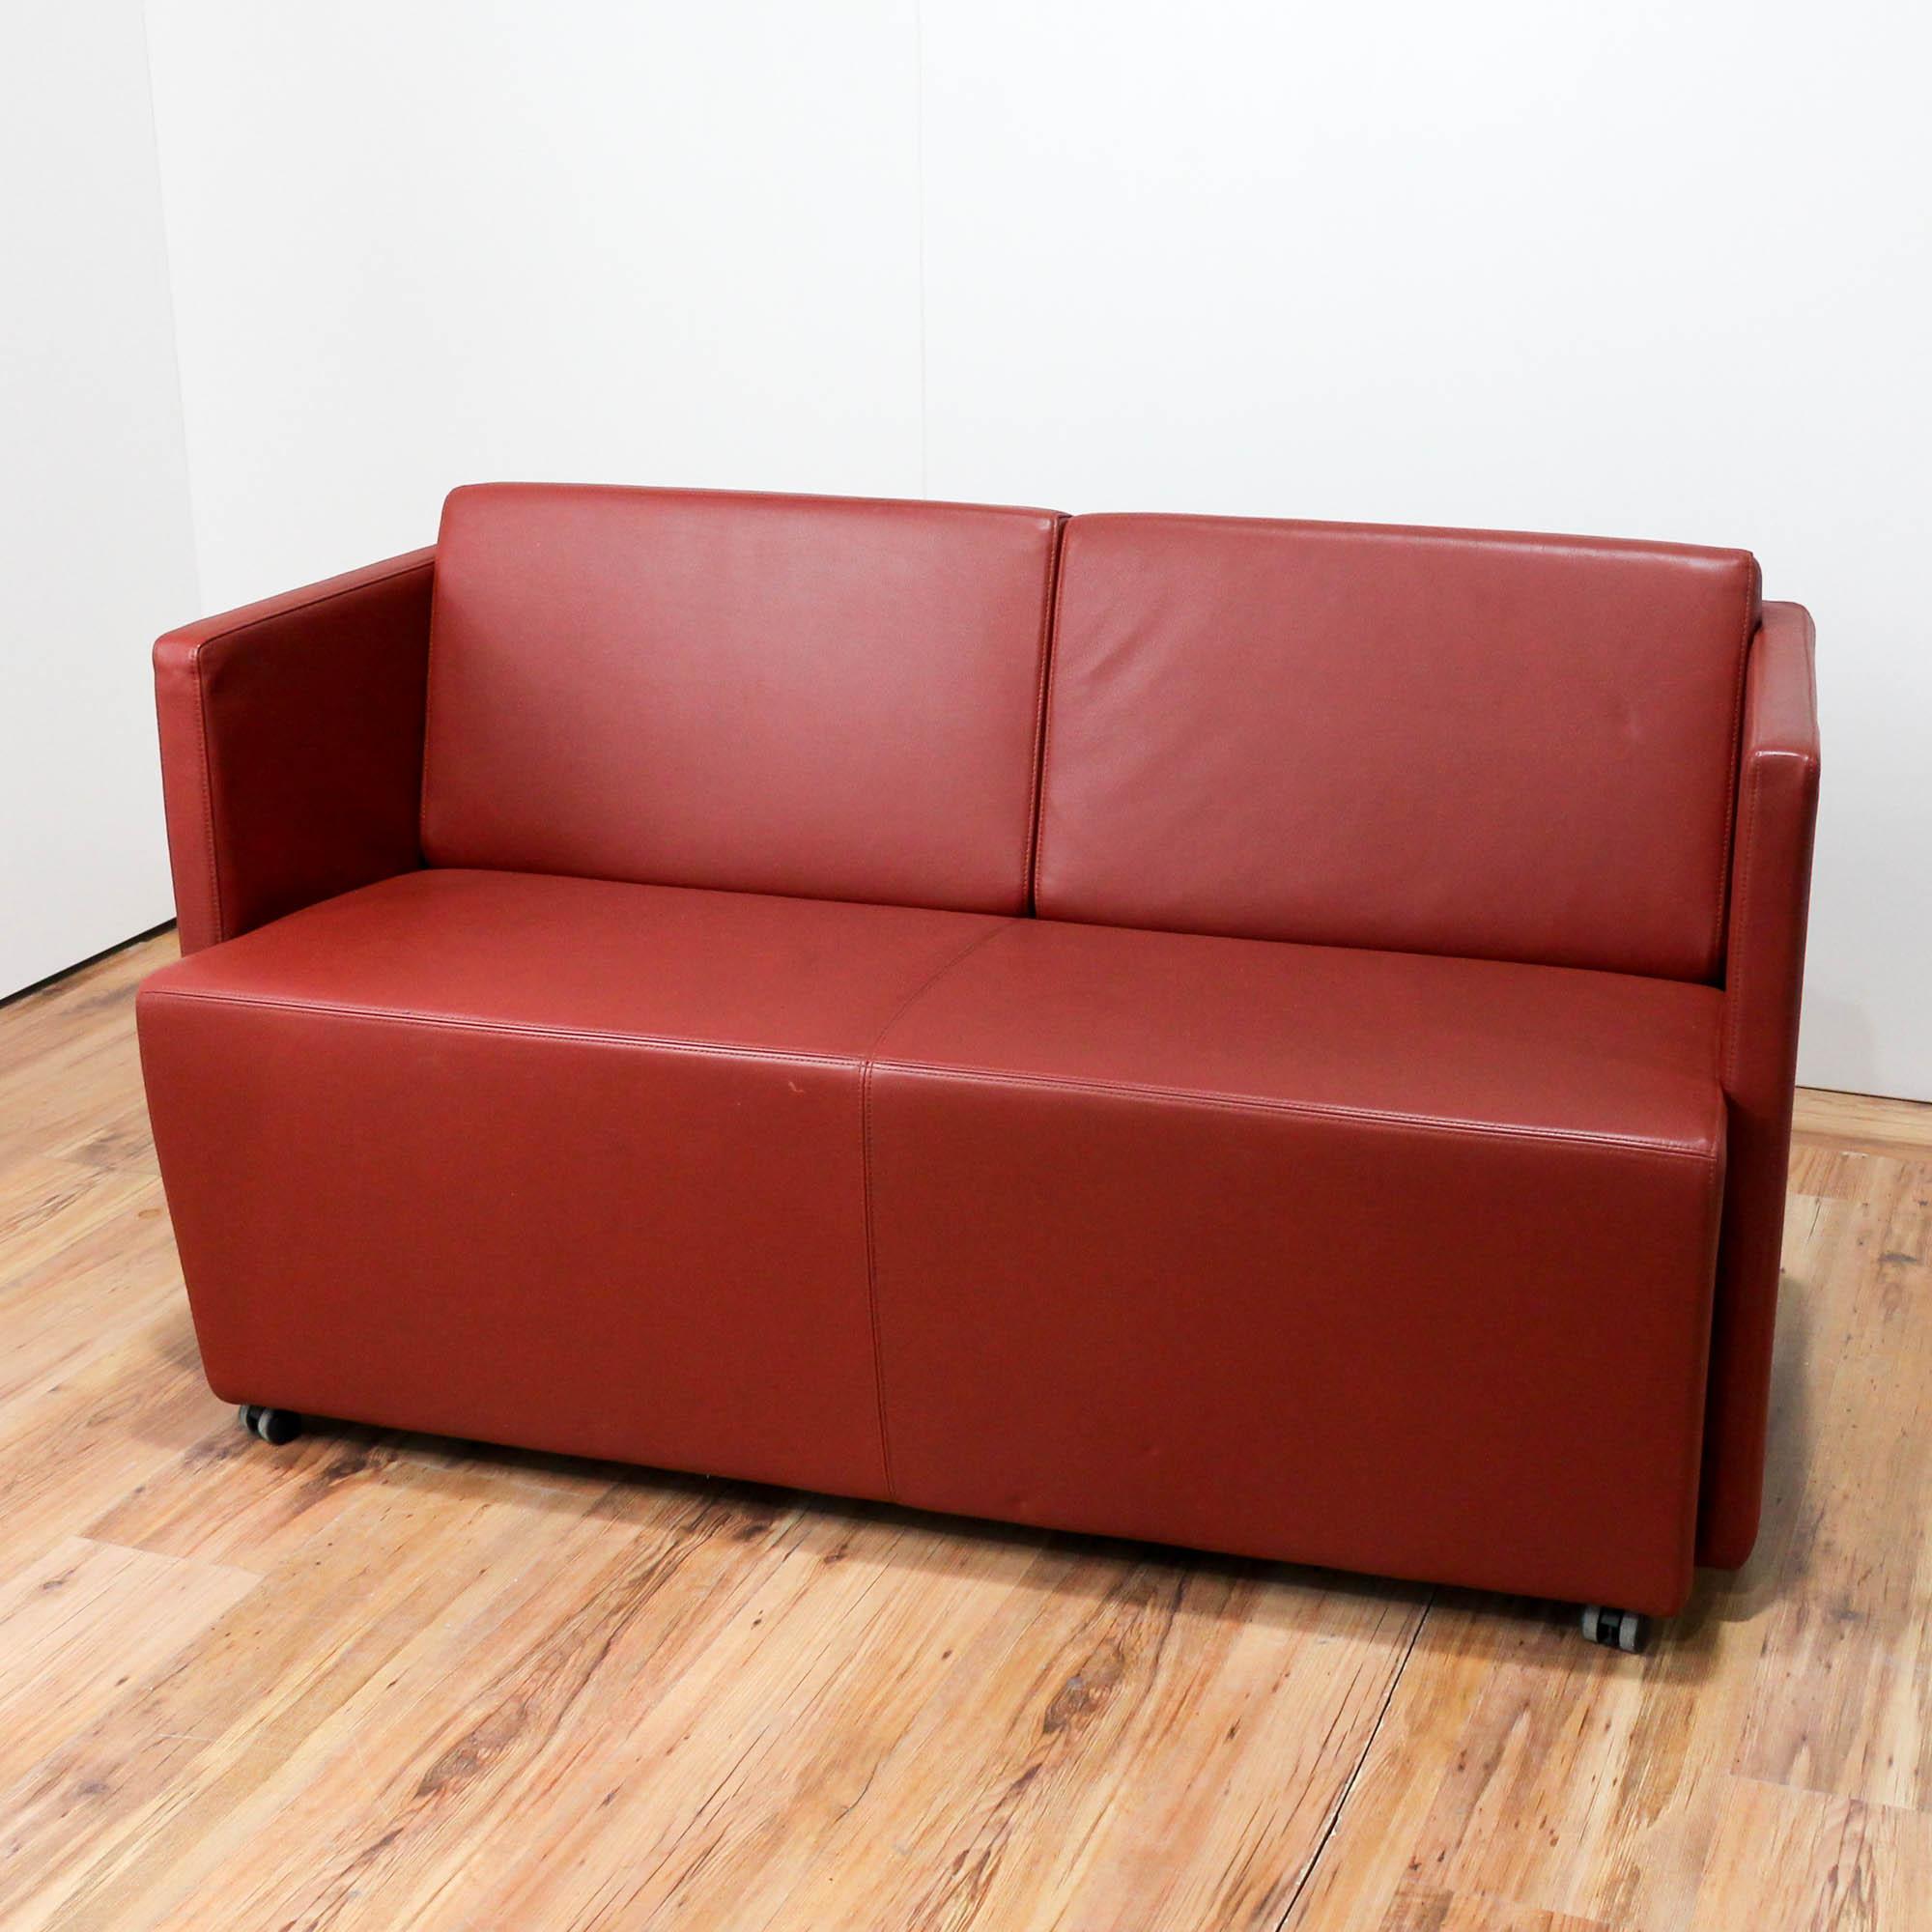 sofa lounge empfang leder orange couch b rost hle ks b rom bel. Black Bedroom Furniture Sets. Home Design Ideas